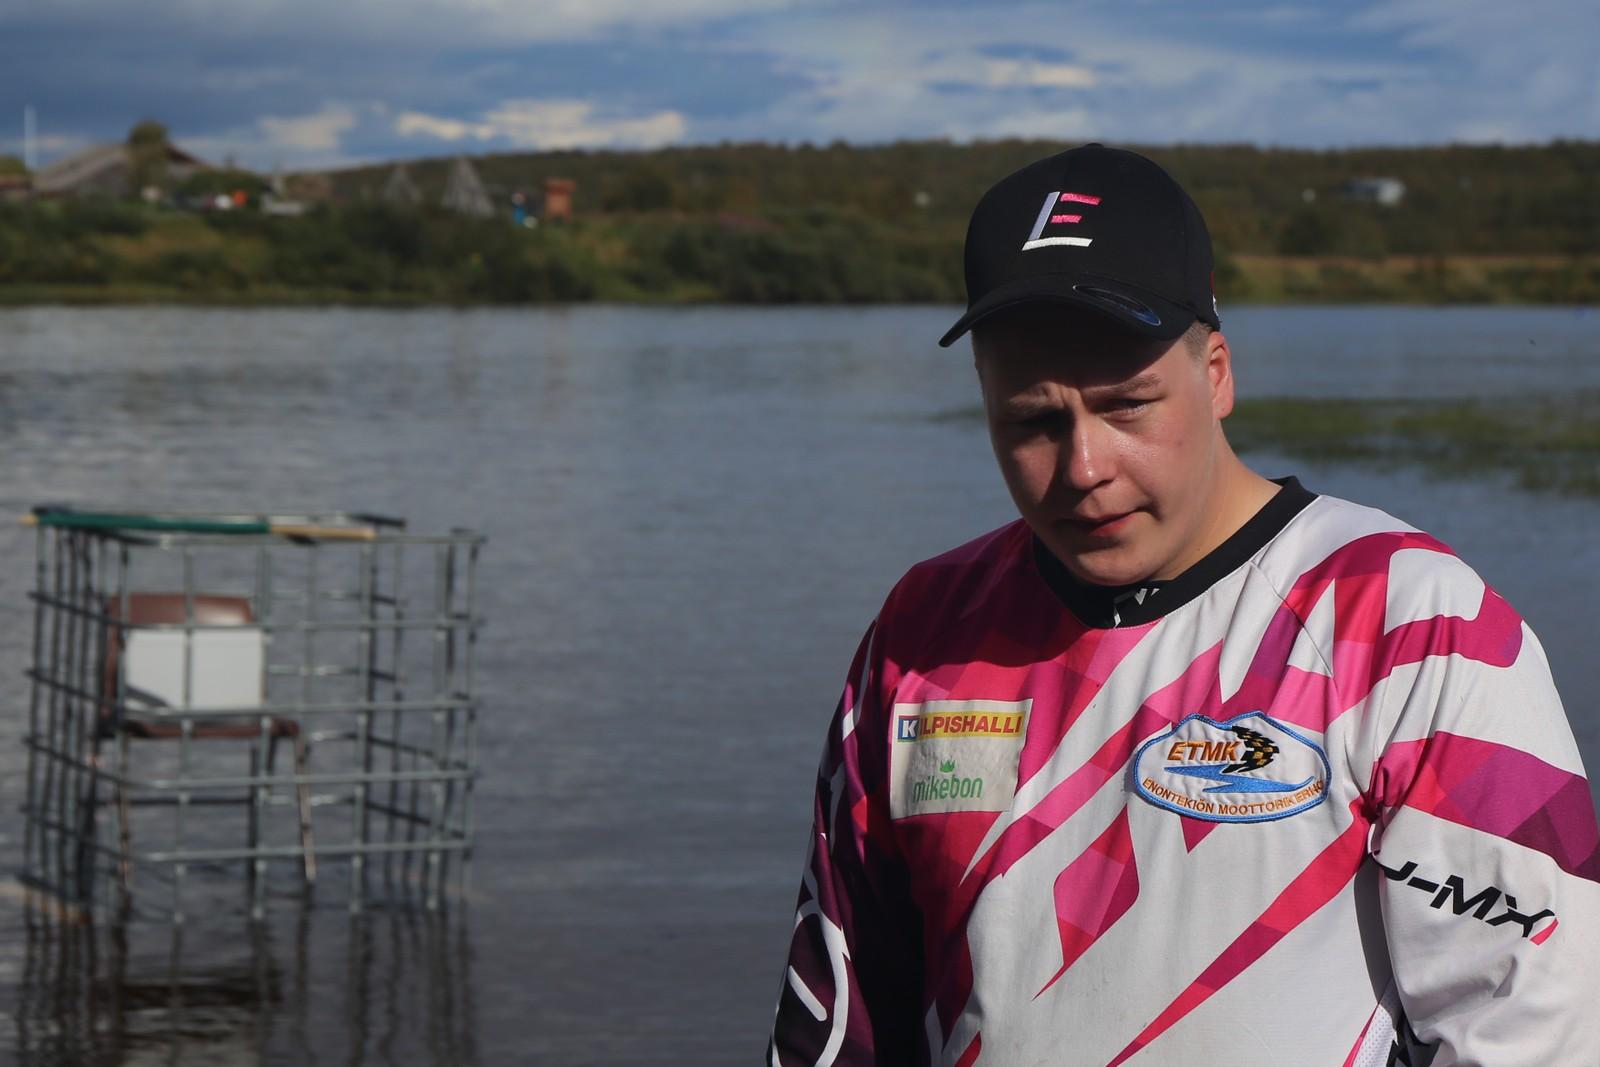 Niillas Joavnna Länsman kjørte inn til sølv i søndagens Drag Open. Han skal også kjære EM i Jyväskylä neste måned.